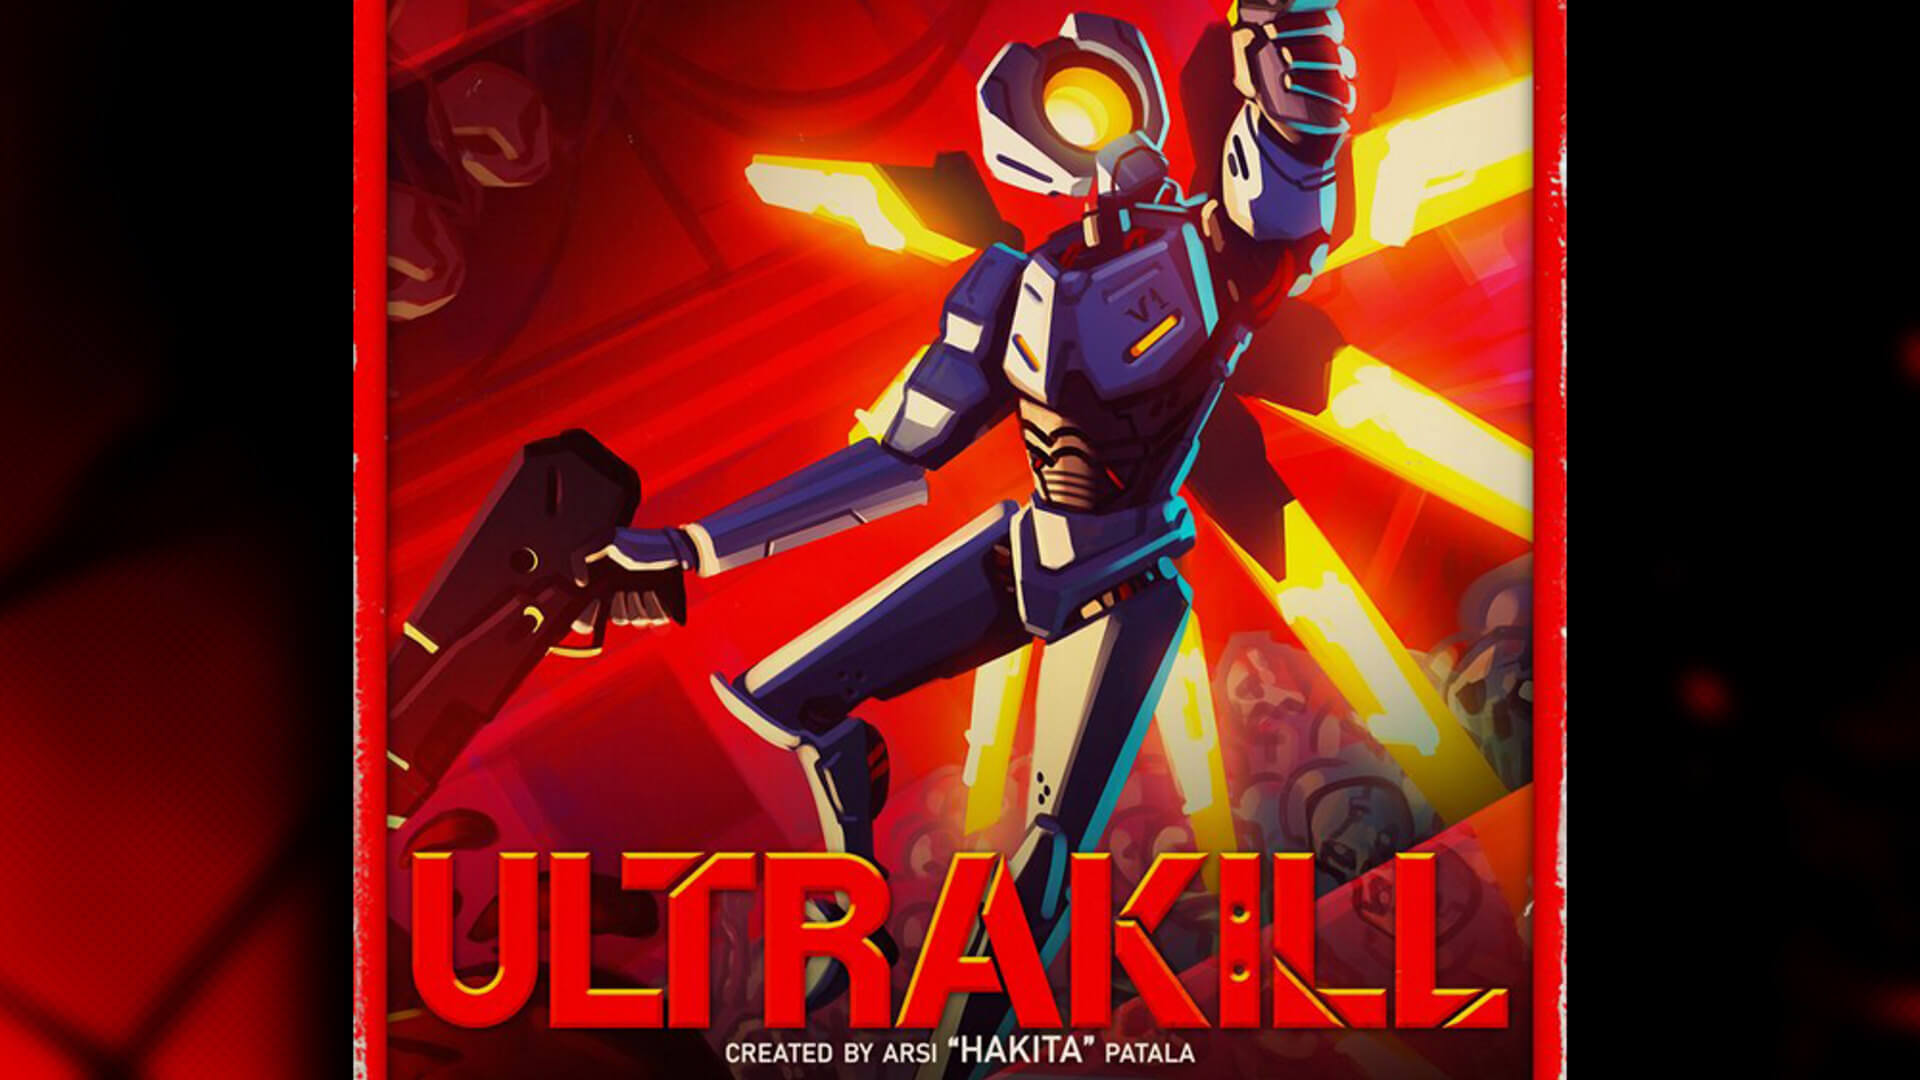 Ultrakill poster art